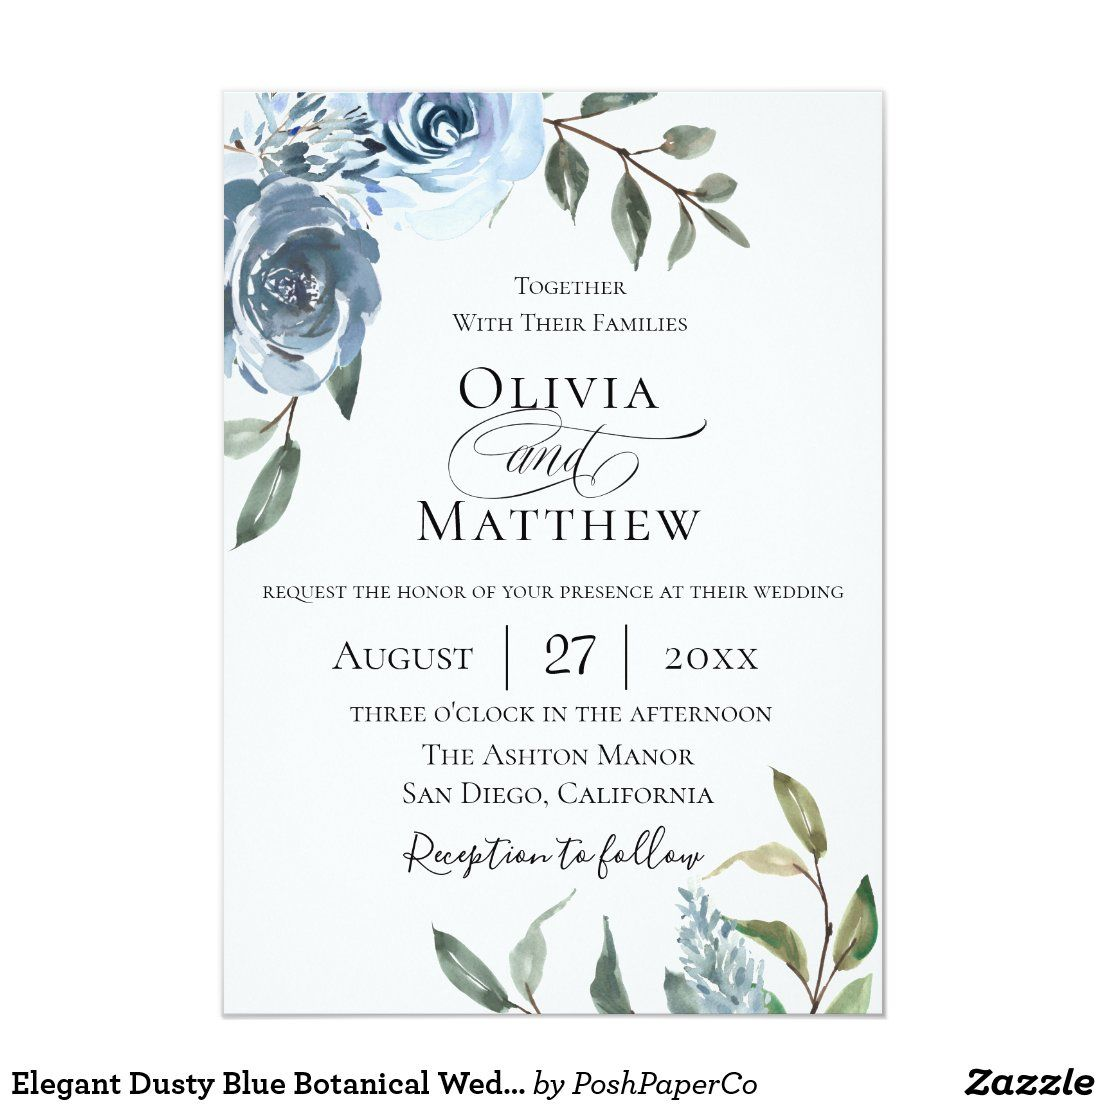 Elegant Dusty Blue Botanical Wedding Invitation Zazzle Com In 2021 Botanical Wedding Invitations Botanical Wedding Zazzle Wedding Invitations